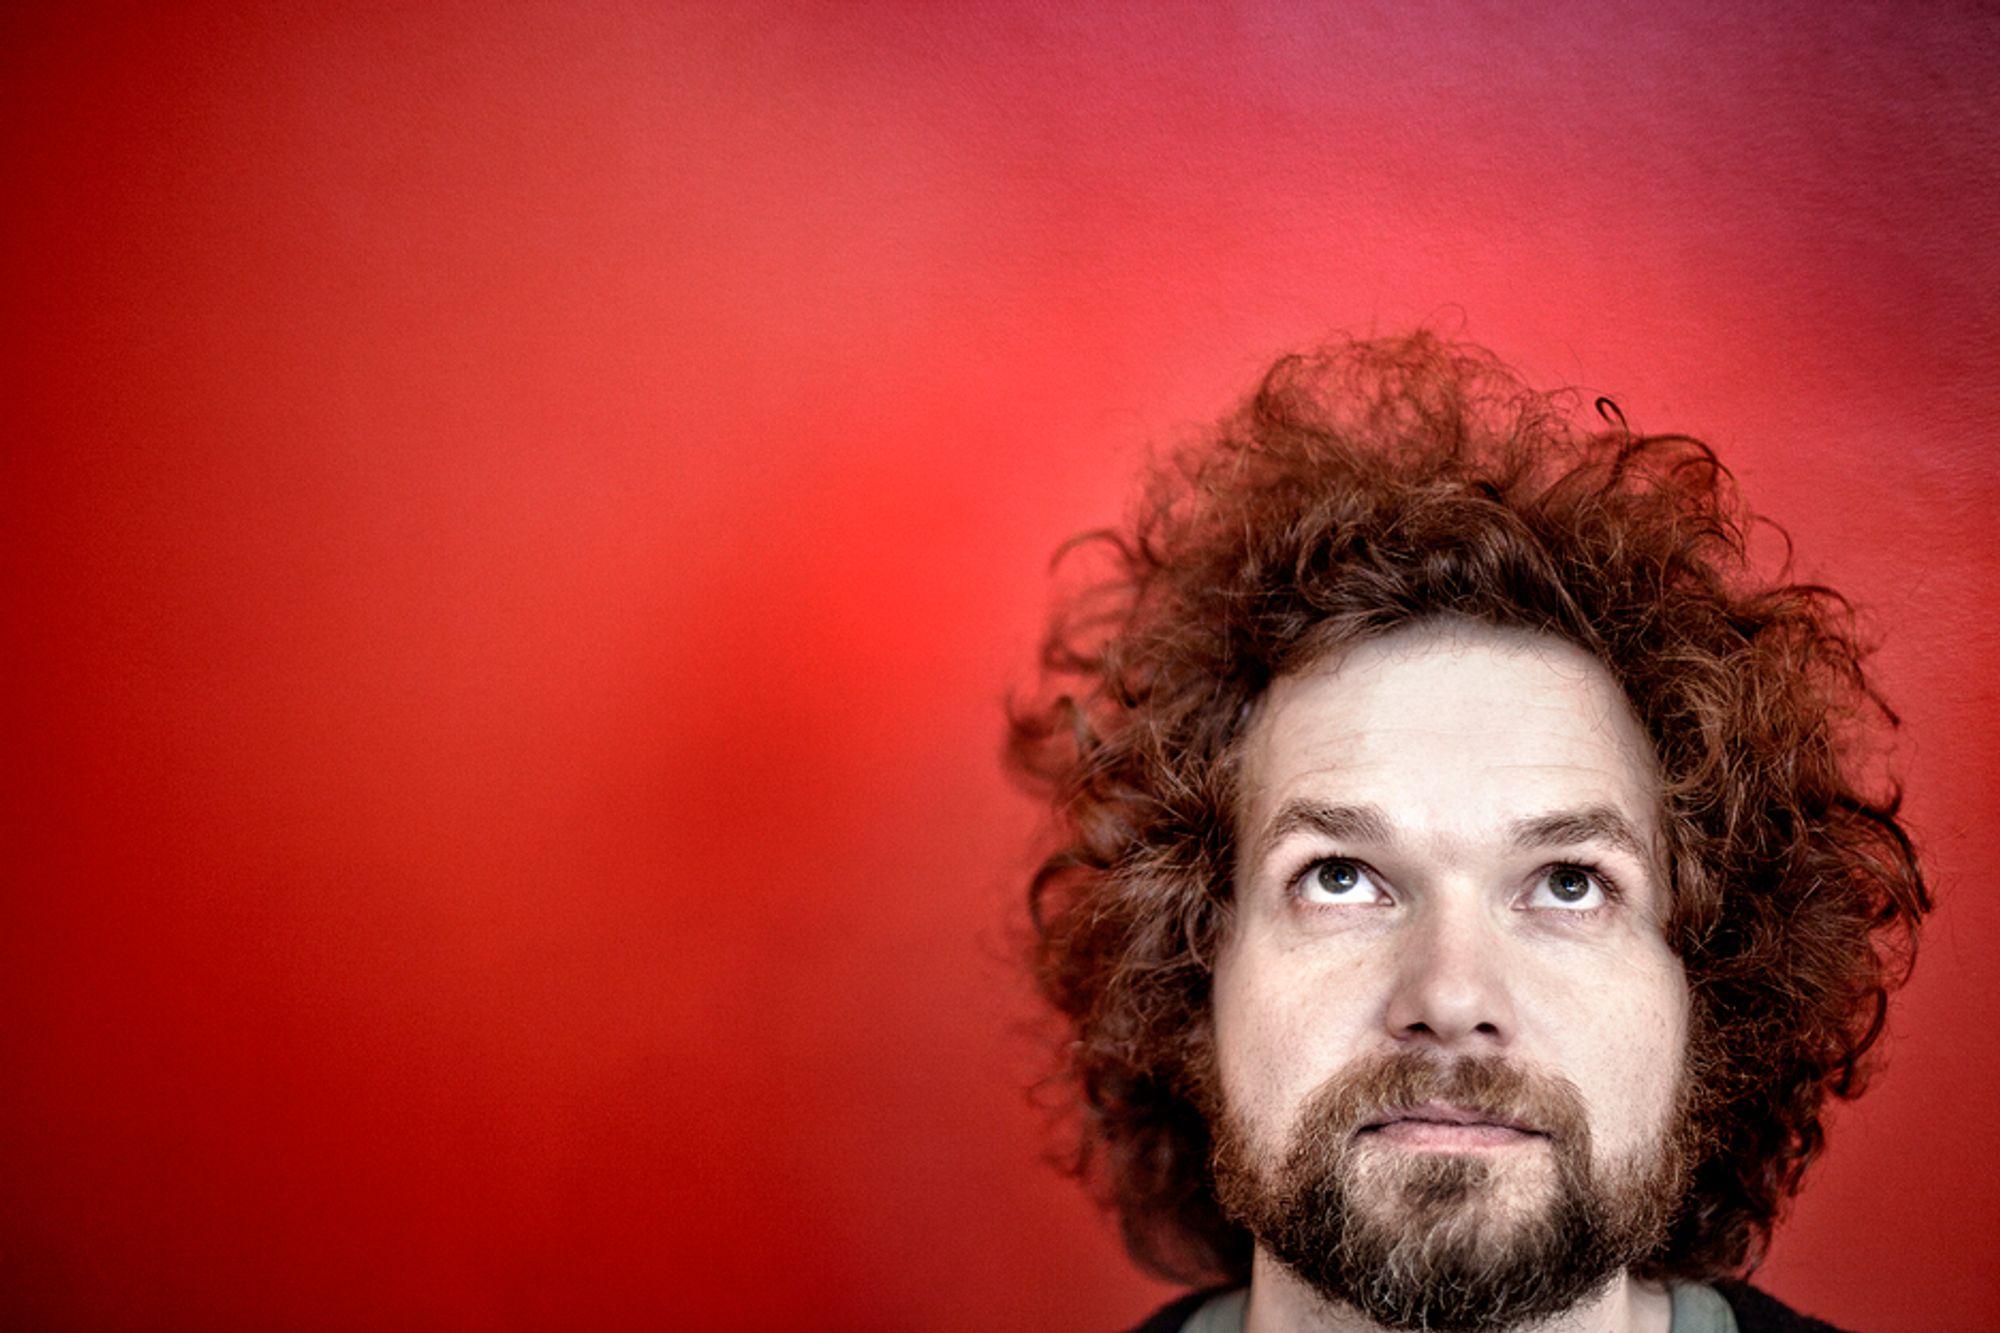 Tidligere Siffer-programleder Jo Røislien er klar med en ny serie. Denne gang handler det om verdens største tall.